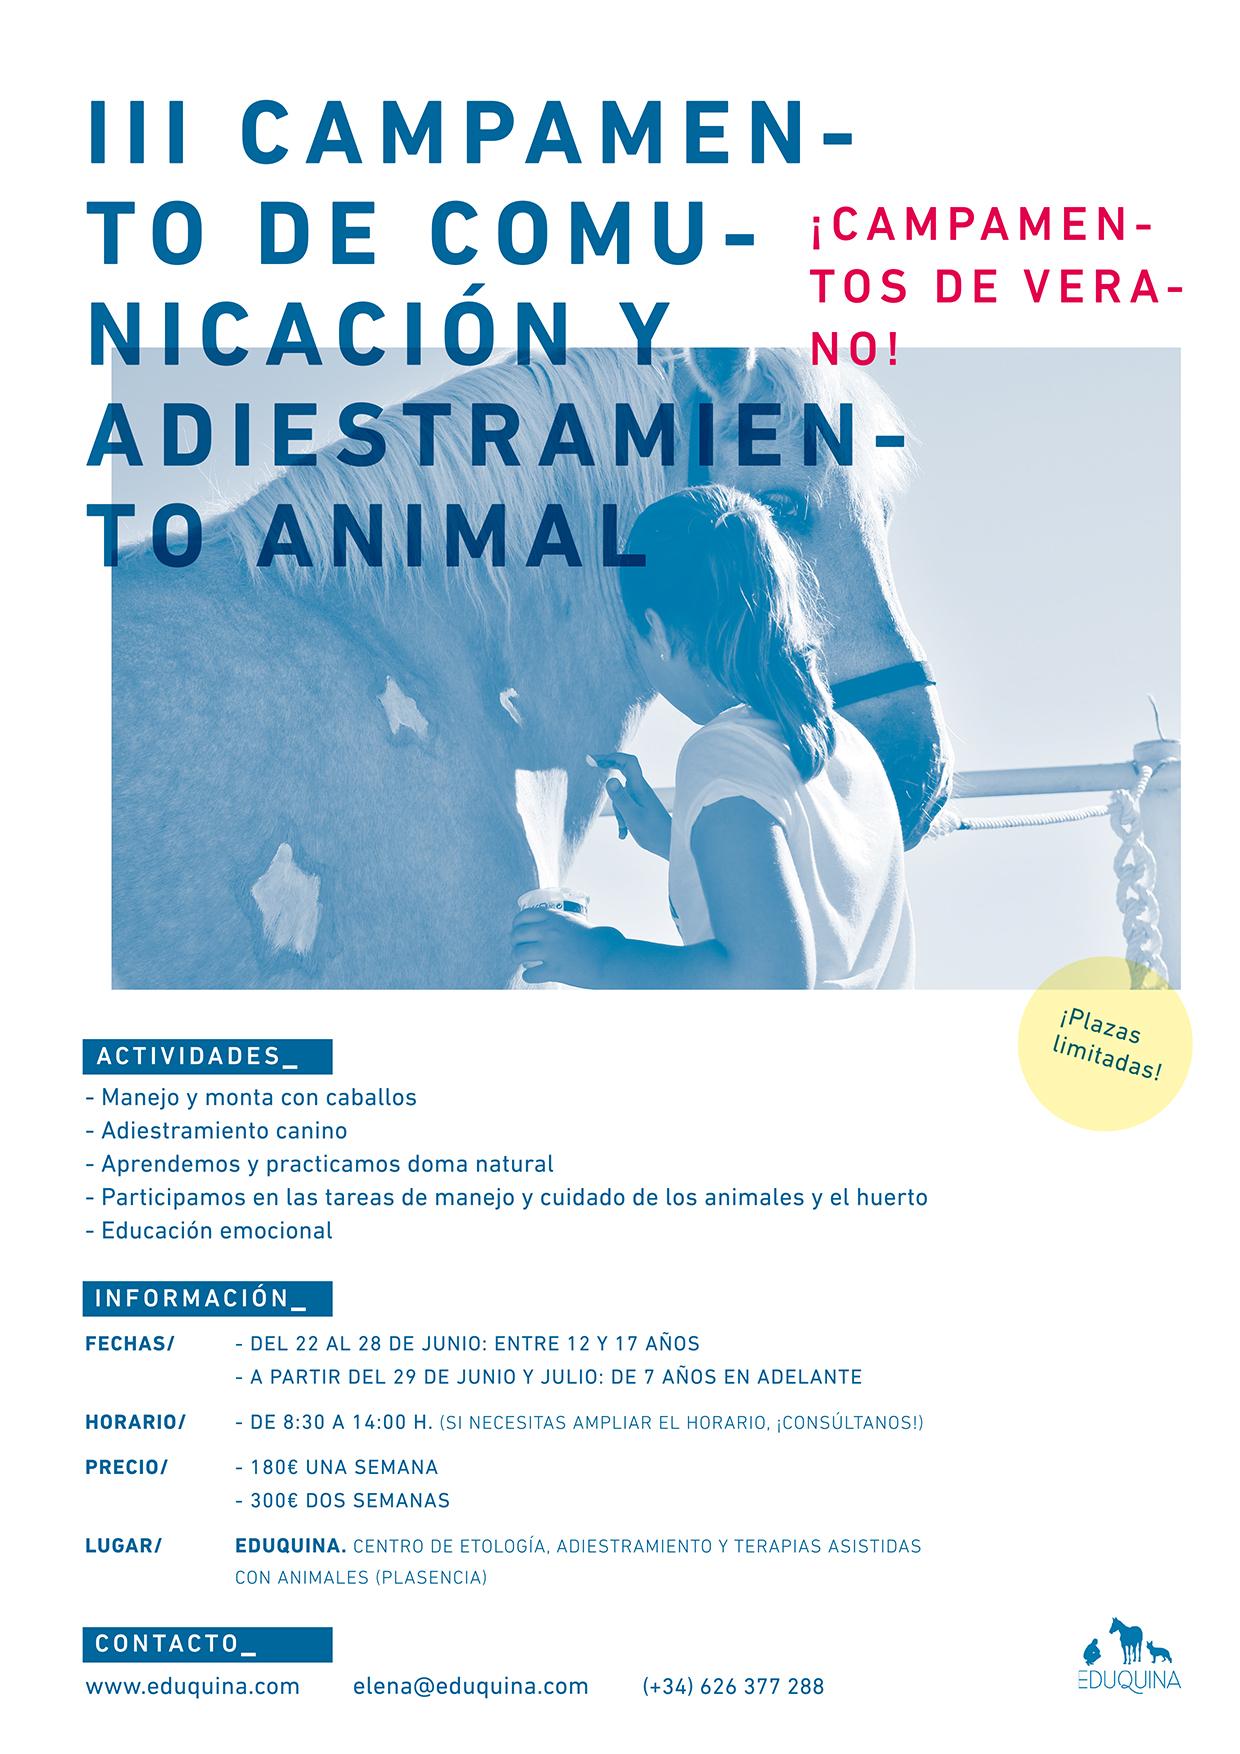 III CAMPAMENTOS INFANTILES DE COMUNICACIÓN Y ADIESTRAMIENTO CON ANIMALES